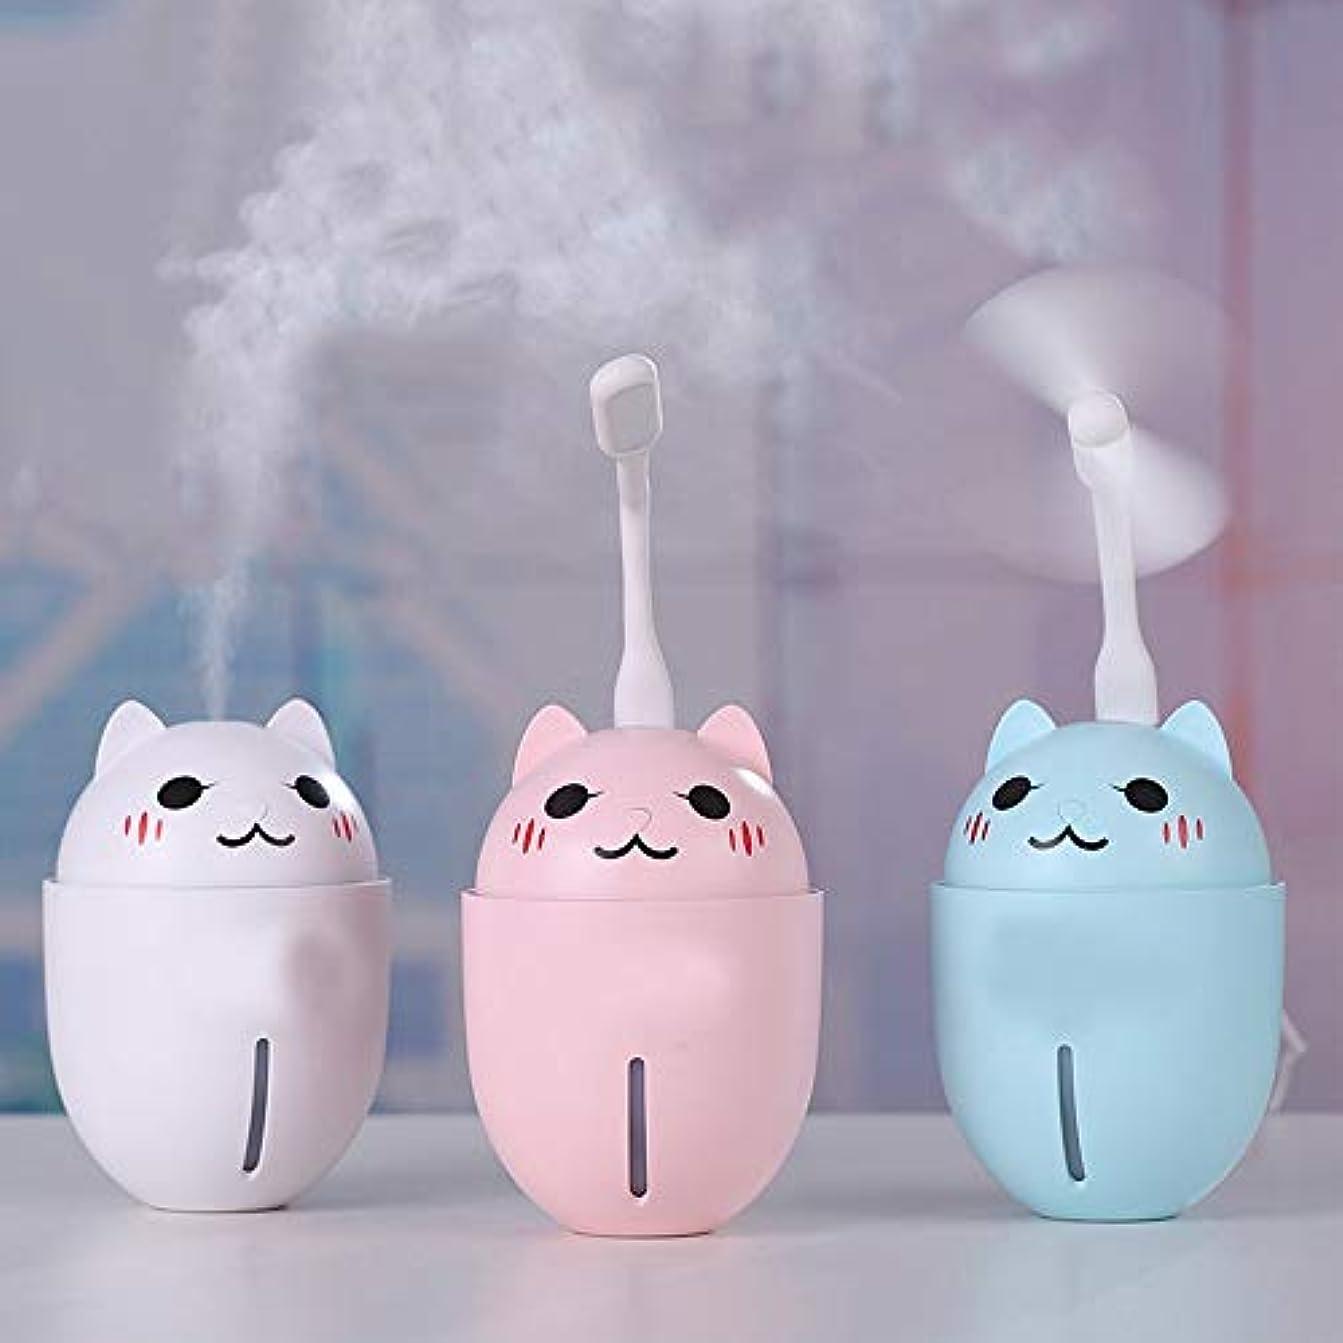 遺体安置所うまくやる()免疫ZXF 新しいクリエイティブかわいいペット猫加湿器家庭用電化製品3つ1つでミニusb水道メーターファンナイトライトブルーピンクホワイト 滑らかである (色 : Pink)